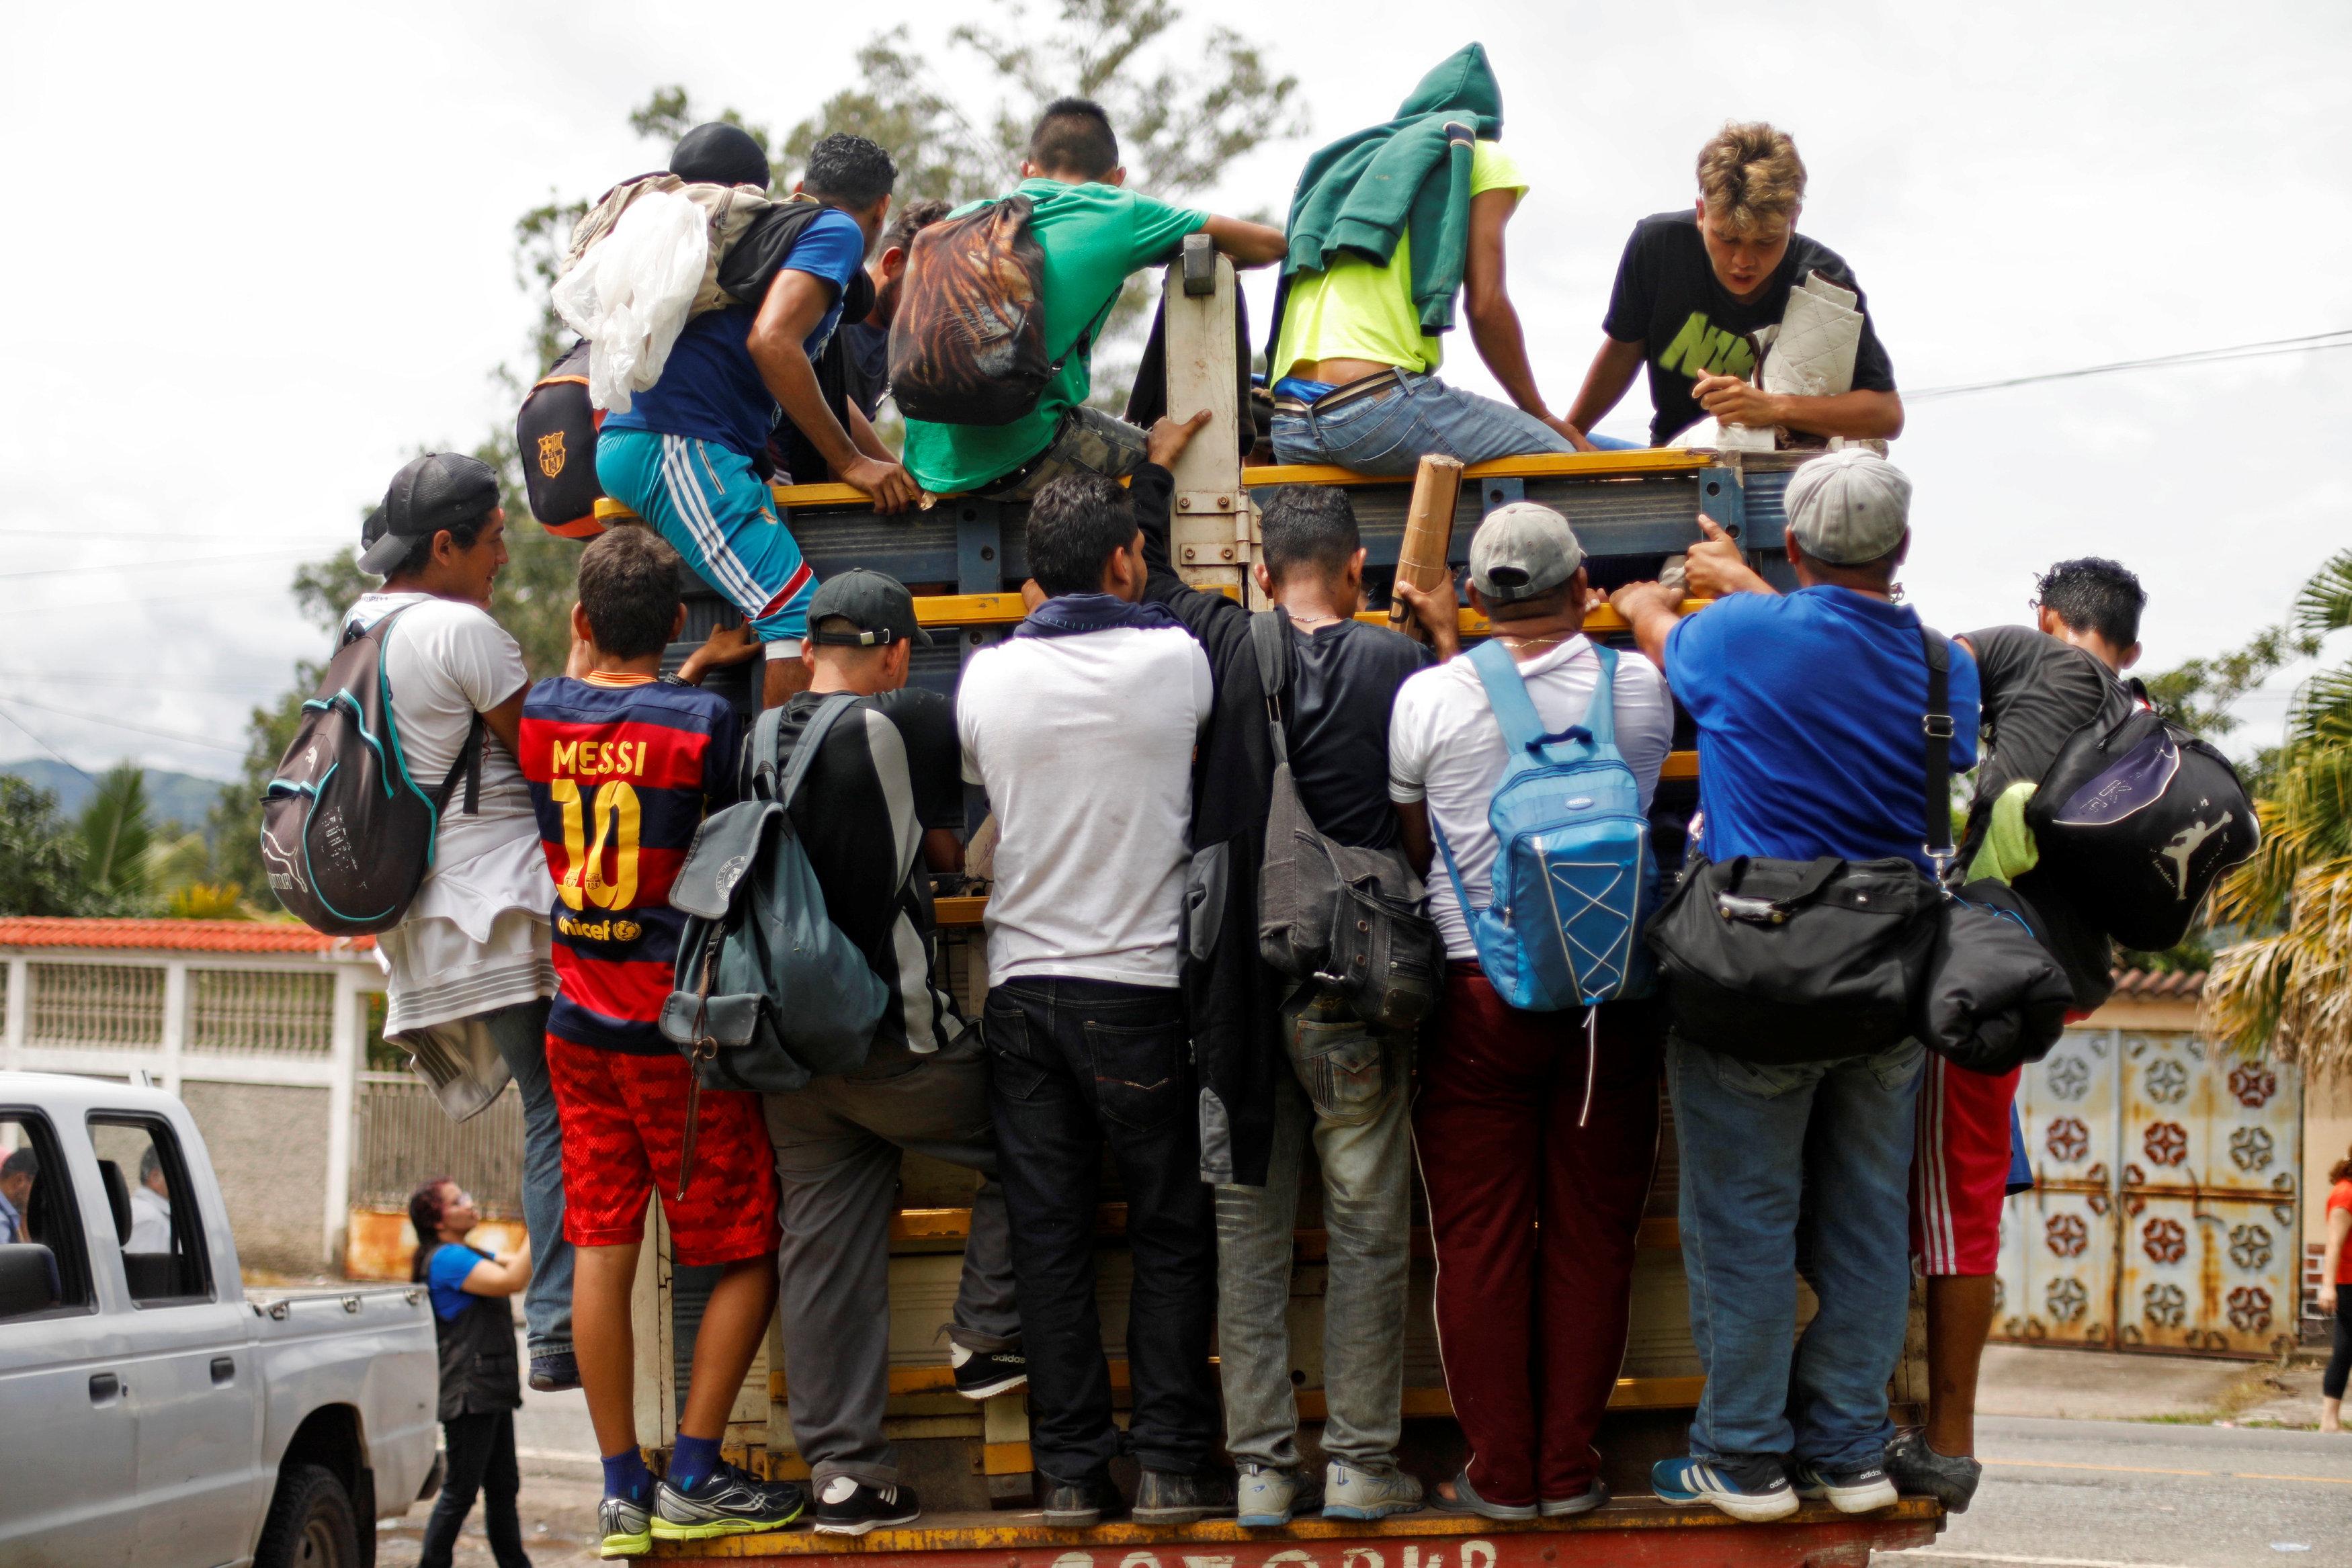 Detenido en Guatemala el líder de la caravana de migrantes que se dirige a EE UU